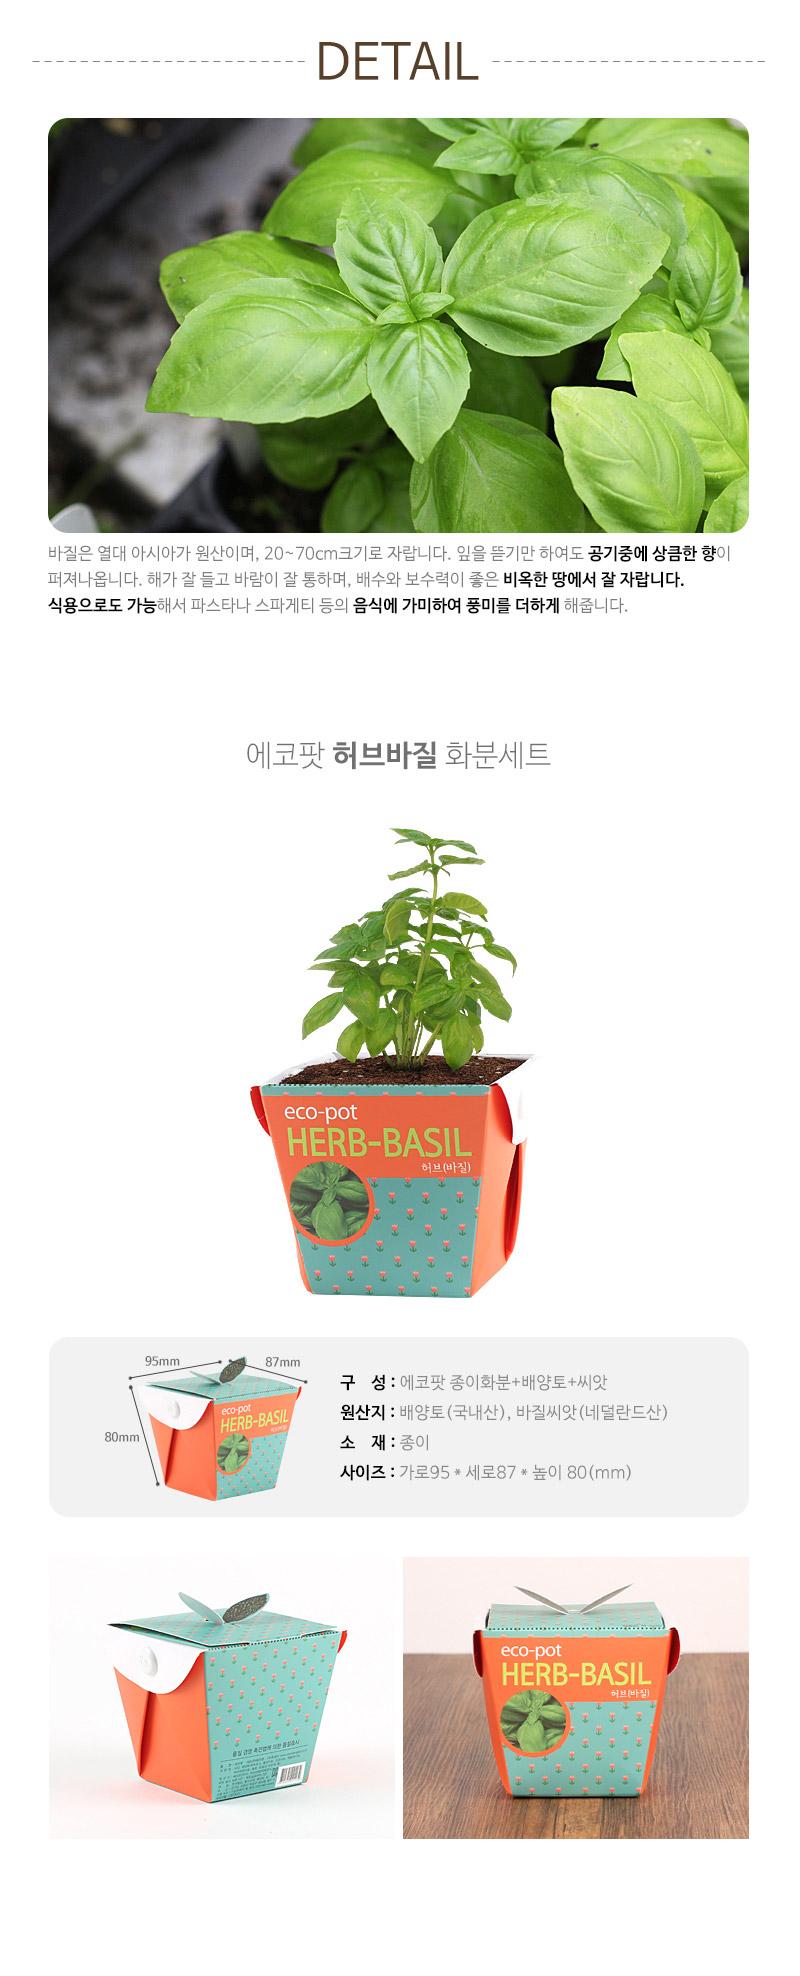 에코팟-허브(바질) - 꿈쟁이플라워캔, 3,000원, 새싹/모종키우기, 새싹 키우기